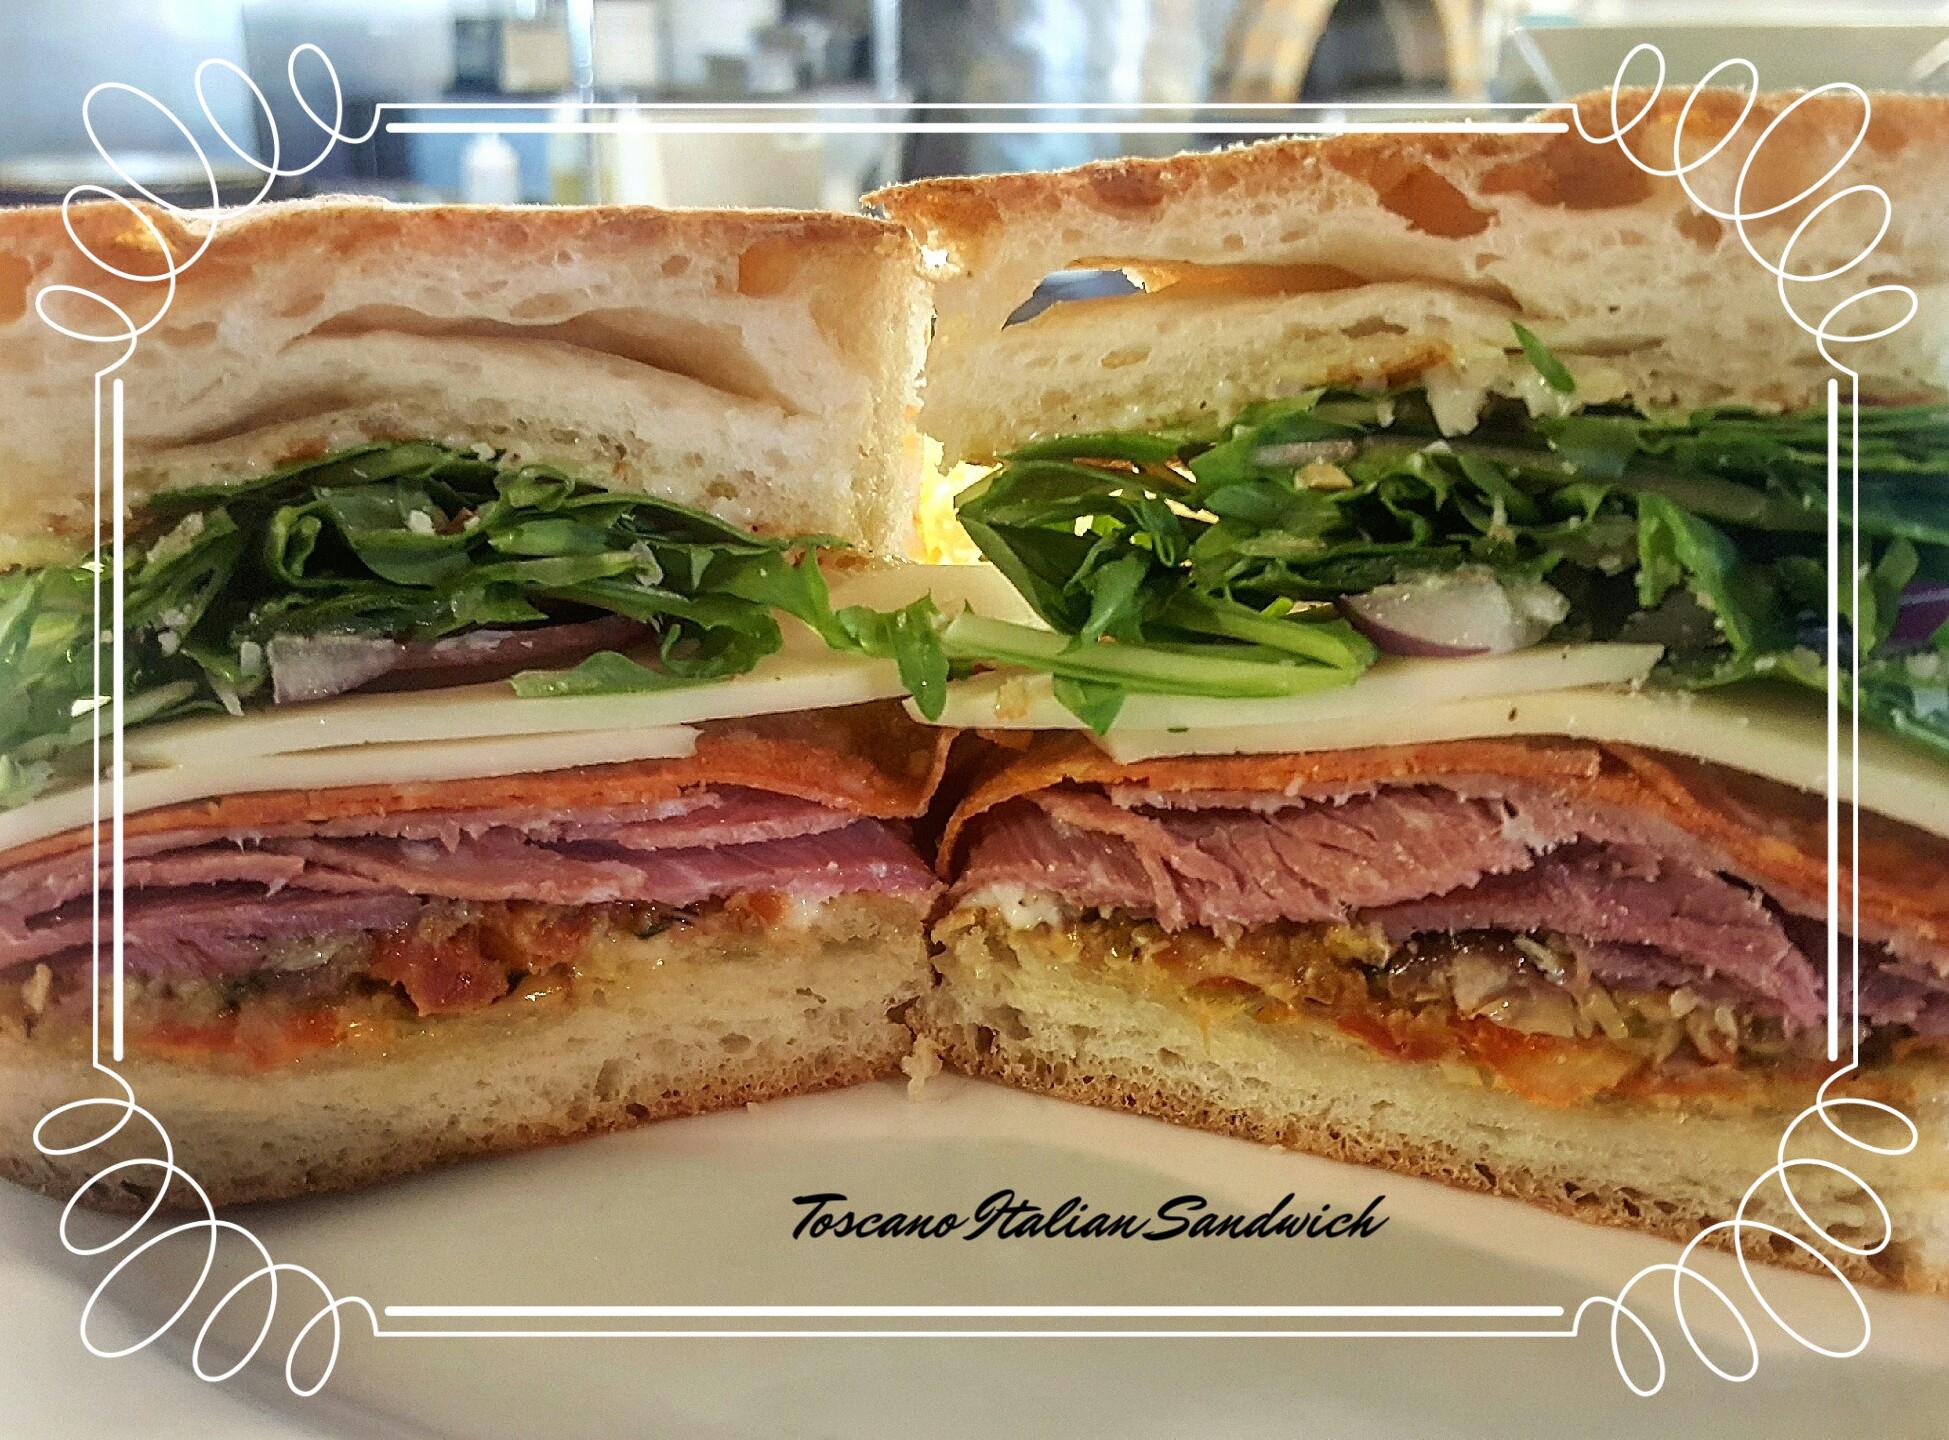 Toscano Italian Sandwich- Salami, Capicola, Pepperoni, Olive Relish, Provolone, Red Onion, Arugula, Garlic Aioli, Pecorino Cheese